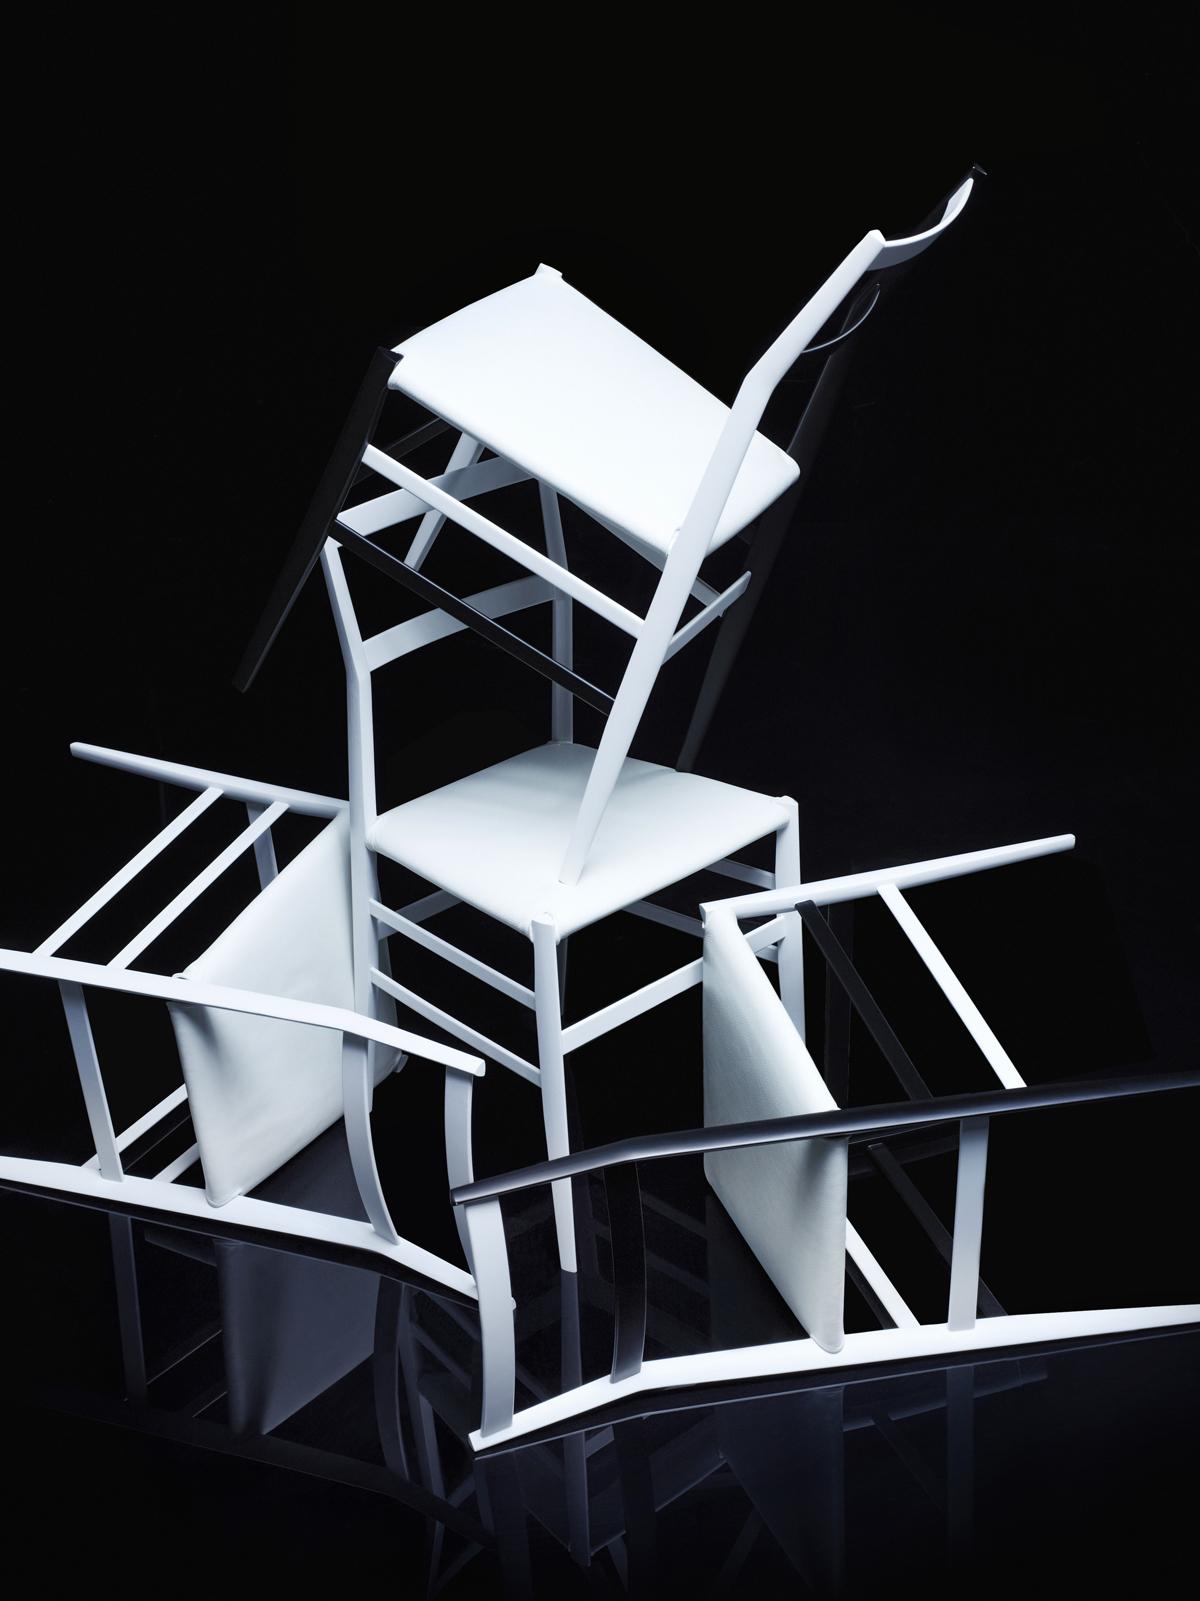 Cassina, Superleggera chairs by Gio Ponti, © Karl Lagerfeld